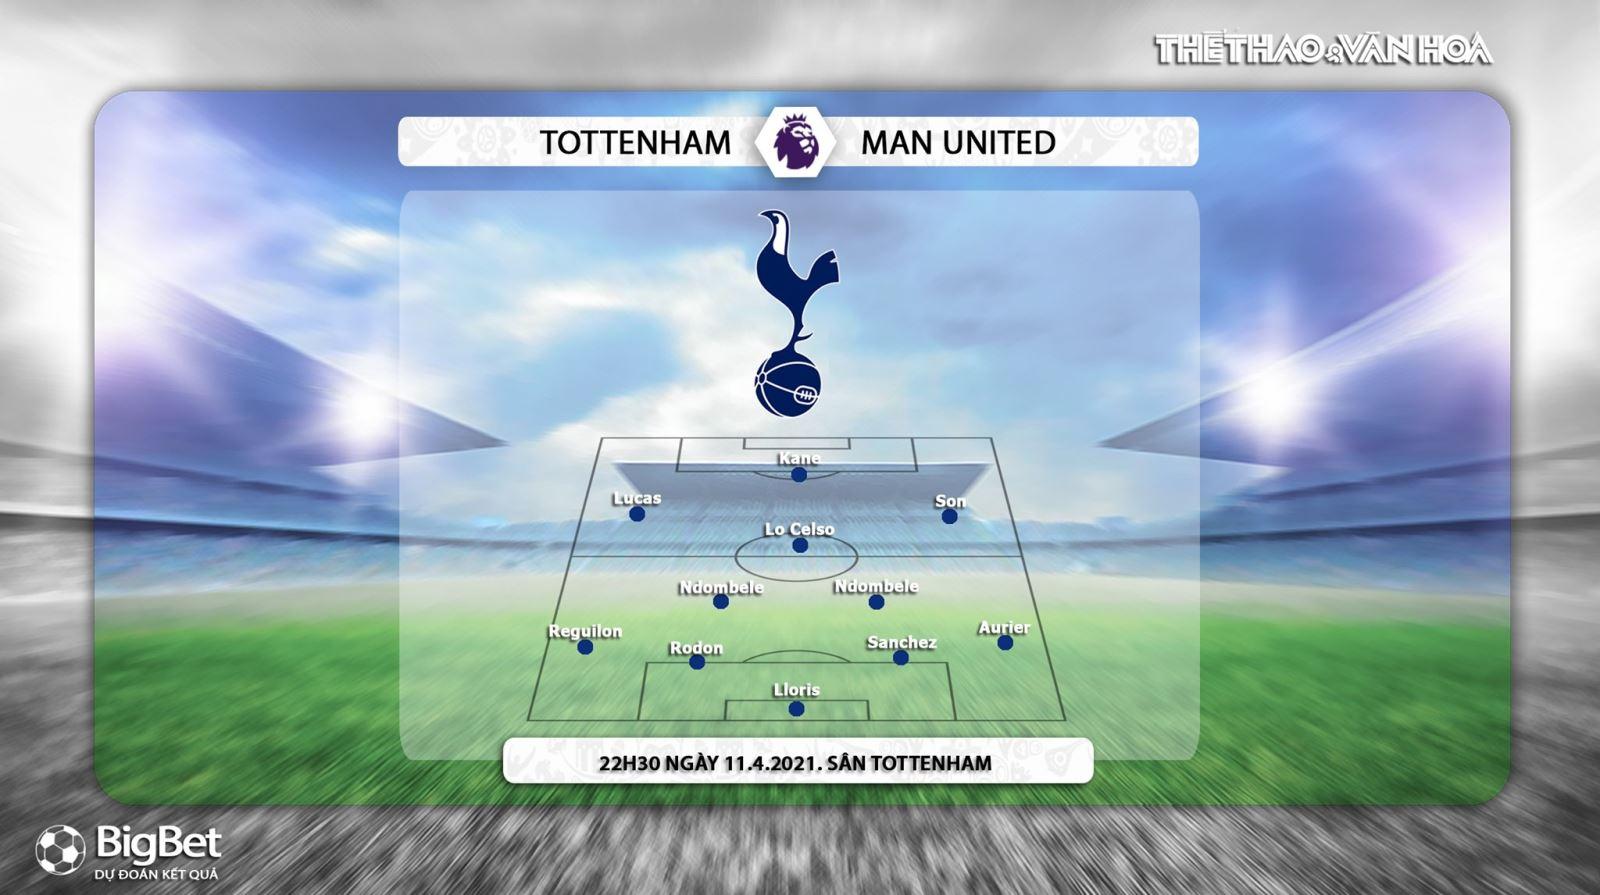 Keo nha cai, Kèo nhà cái, Tottenham vs MU, K+, K+PM trực tiếp bóng đá Anh, Kèo MU, Trực tiếp Ngoại hạng Anh, MU đấu với Tottenham, Trực tiếp Tottenham vs MU, kèo bóng đá